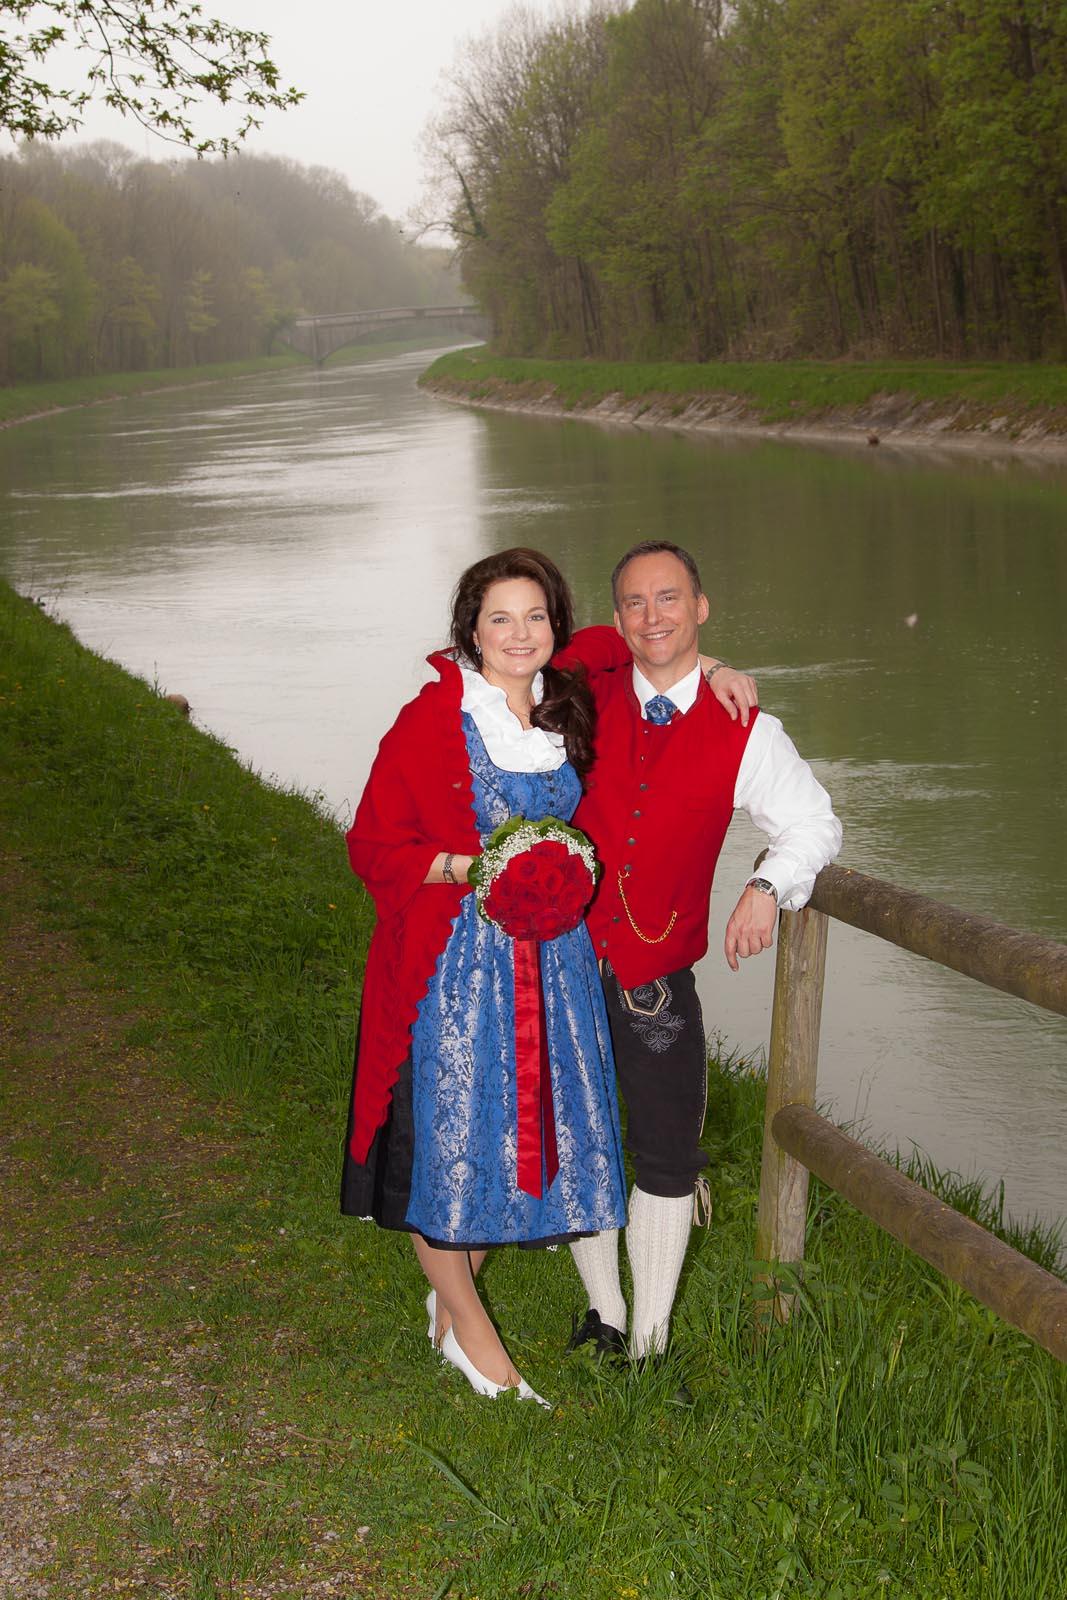 Hochzeit-Portrait-Gassner-Hochzeit-Gassner-0612.jpg